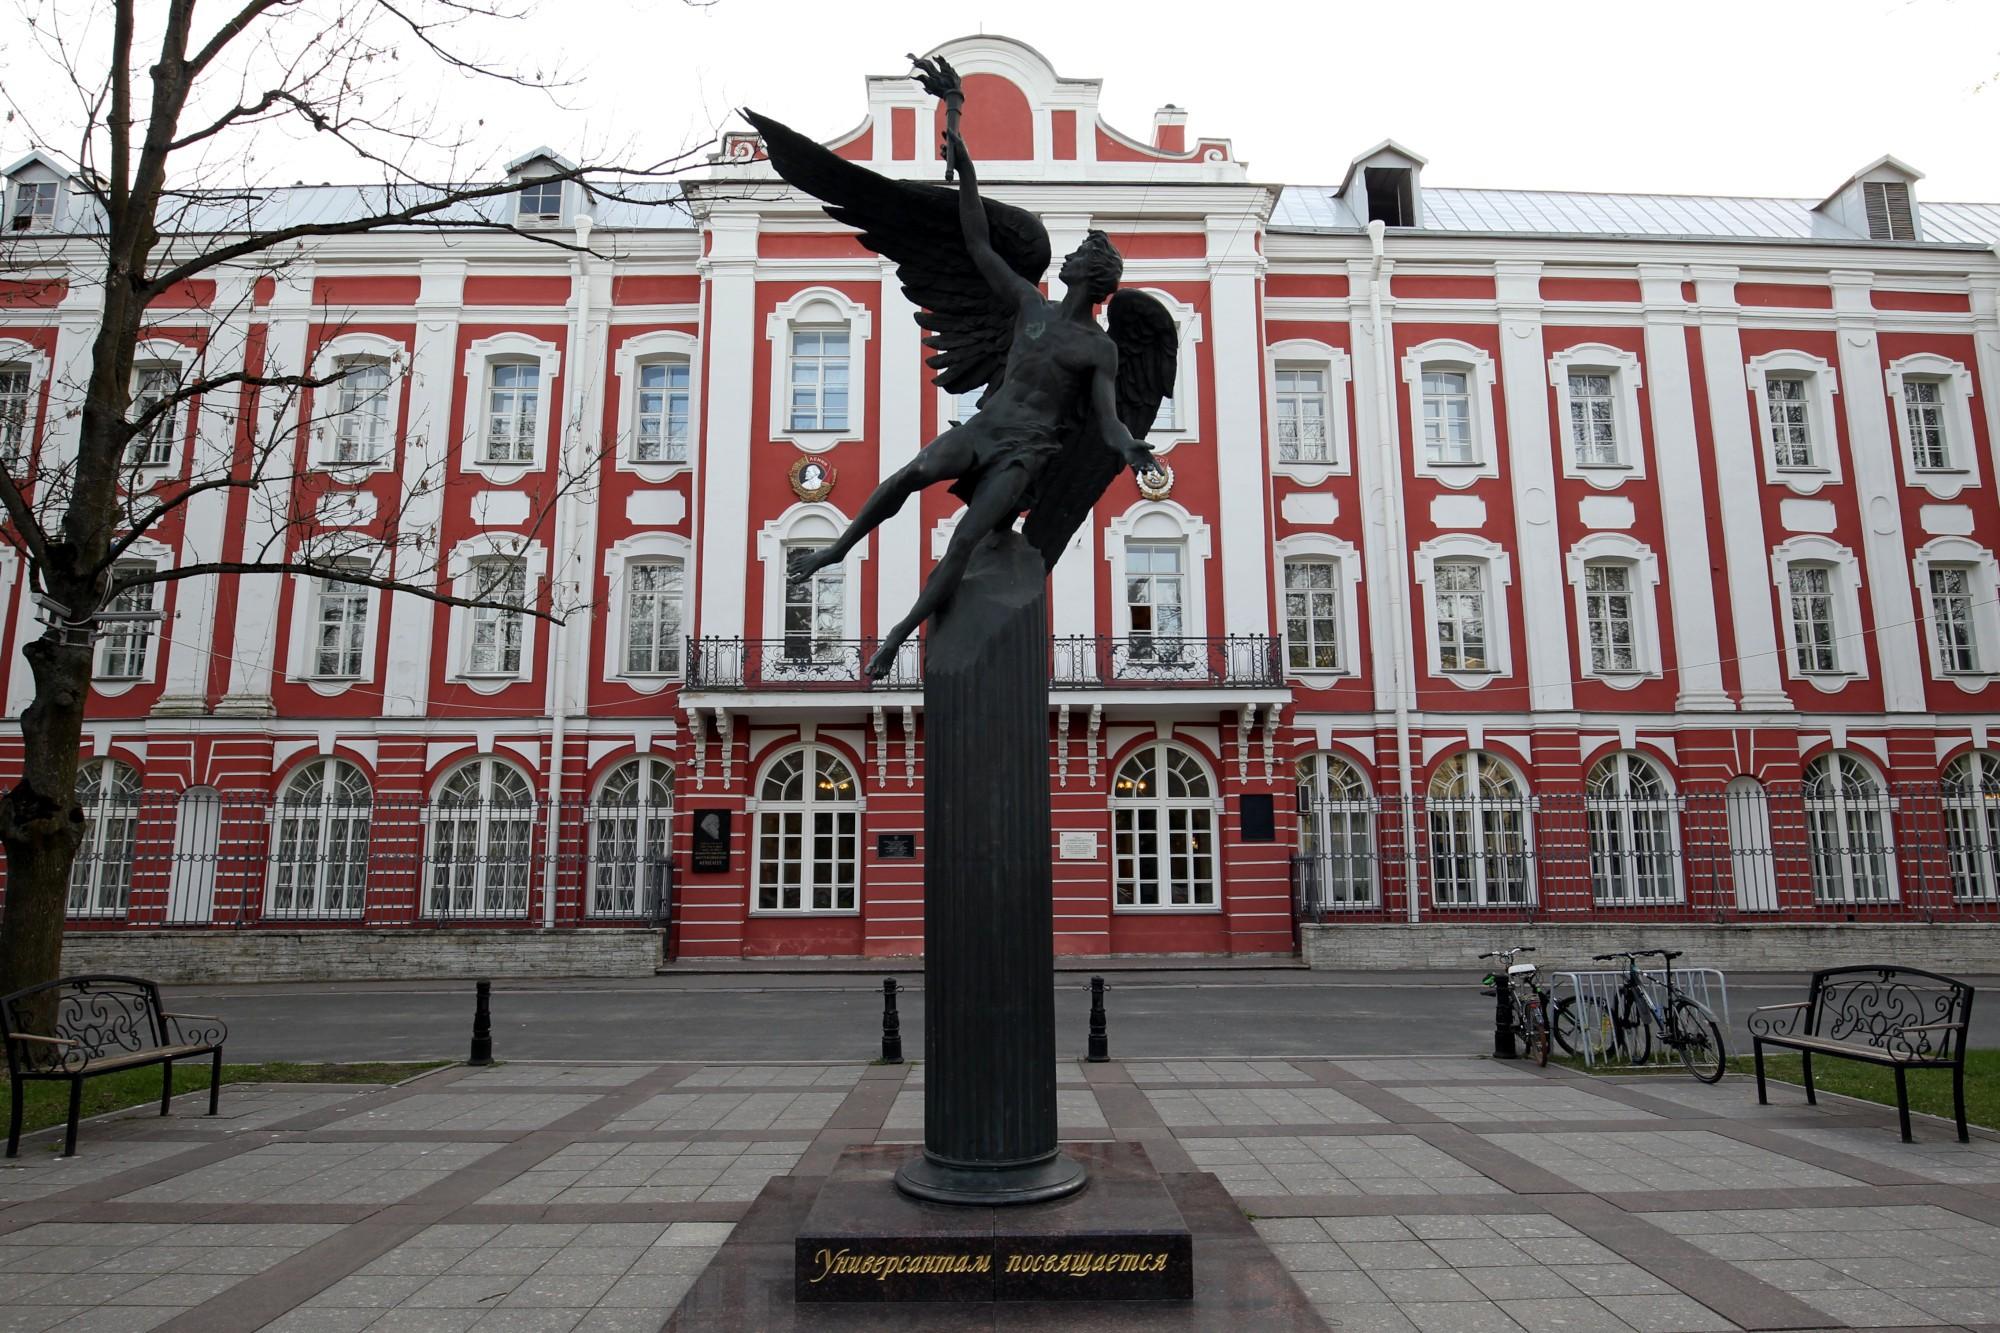 СПБГУ университет здание двенадцати коллегий памятник универсантам